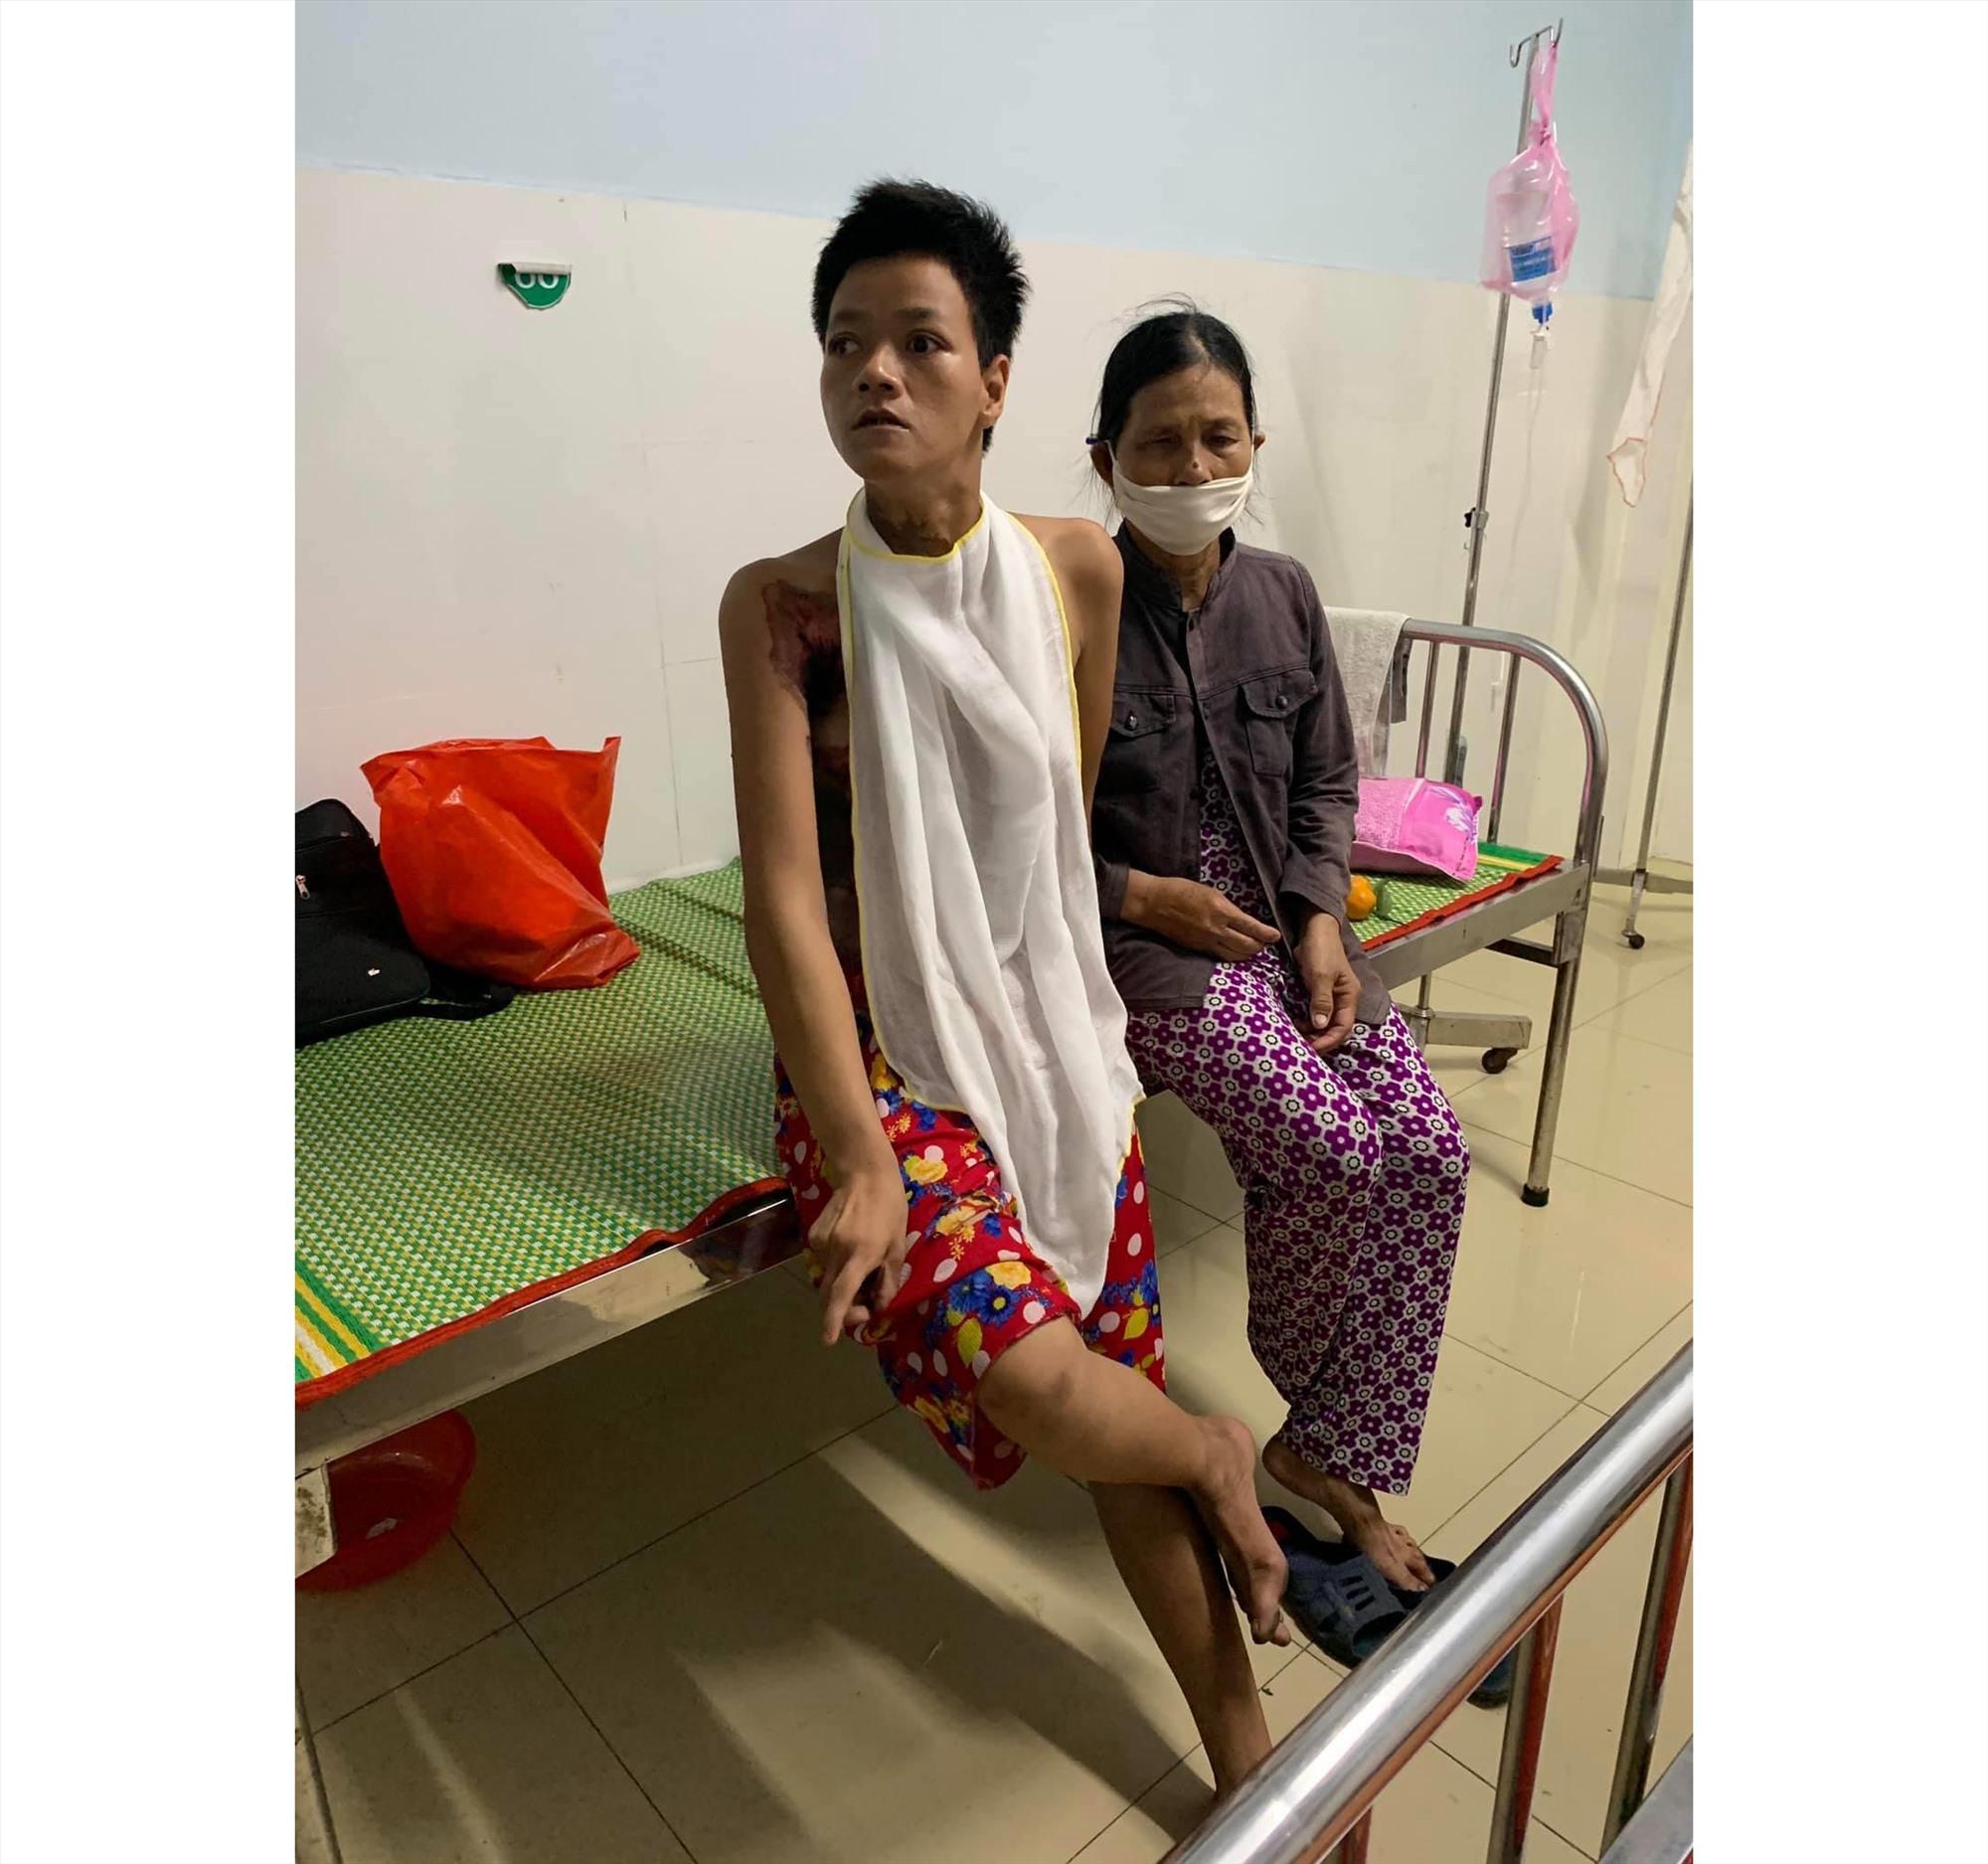 Chị Thanh bị bỏng nặng đang điều trị tại Bệnh viện Đà Nẵng. Ảnh: B.N